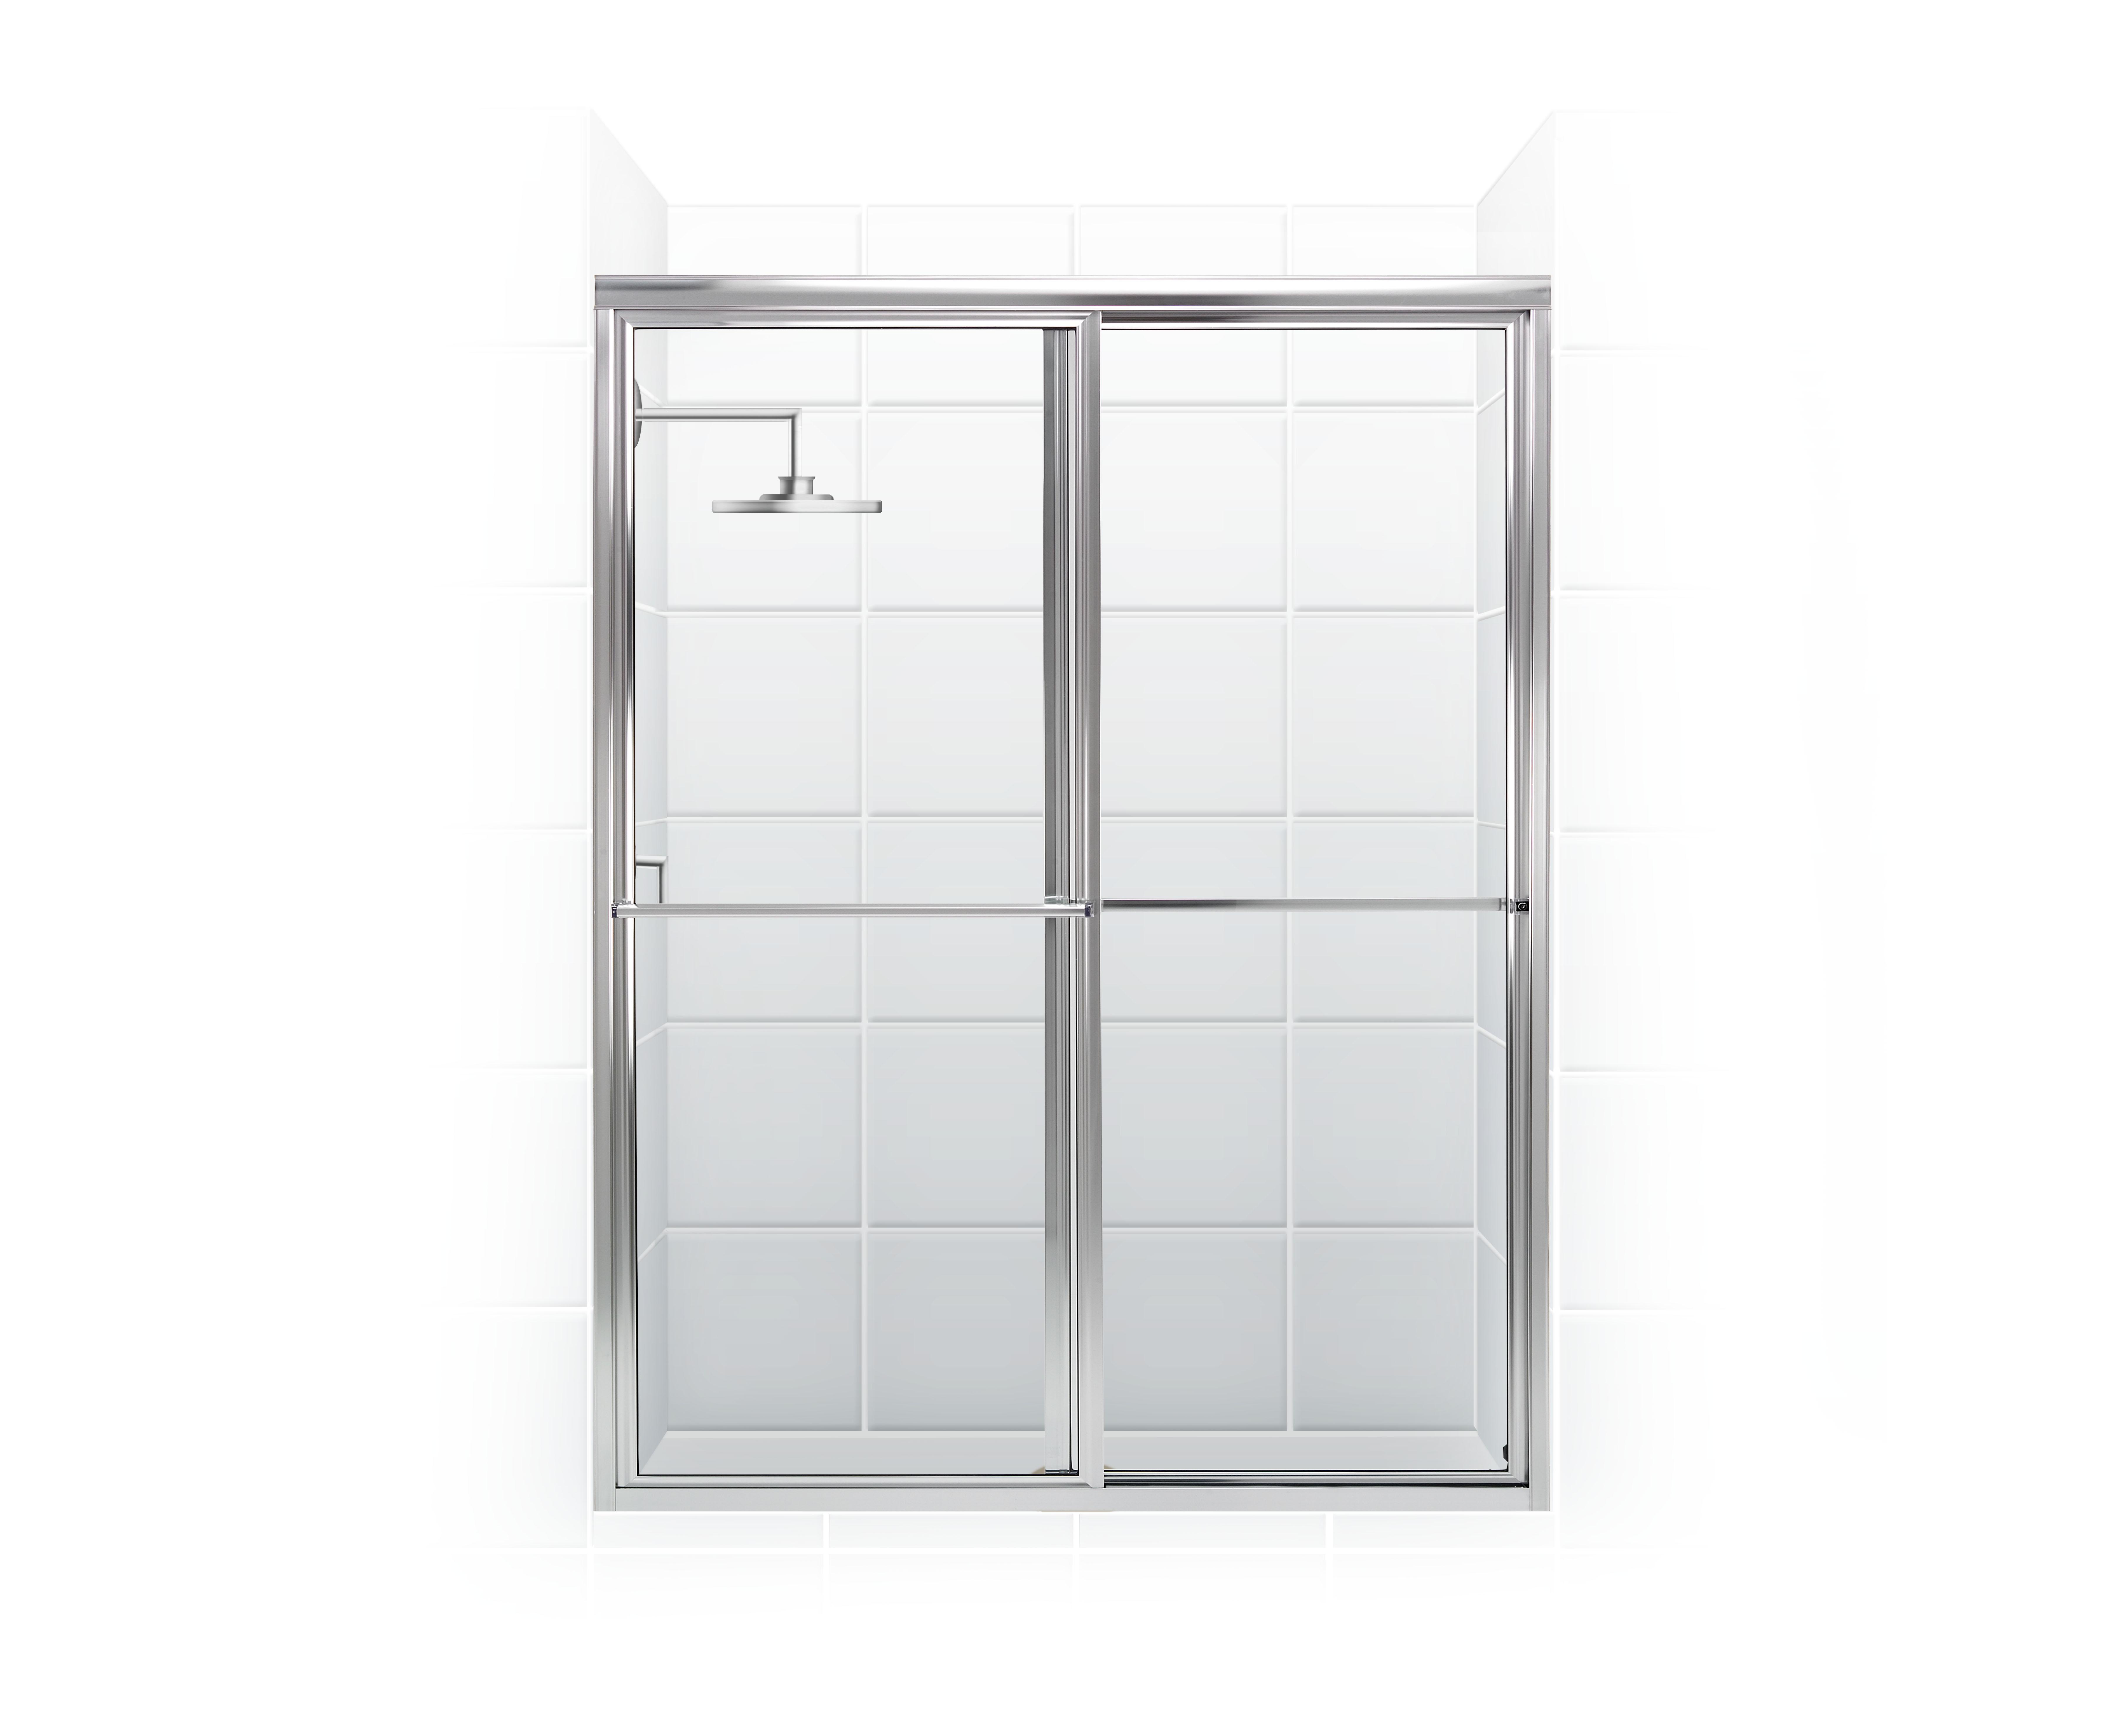 coastal industries newport shower door